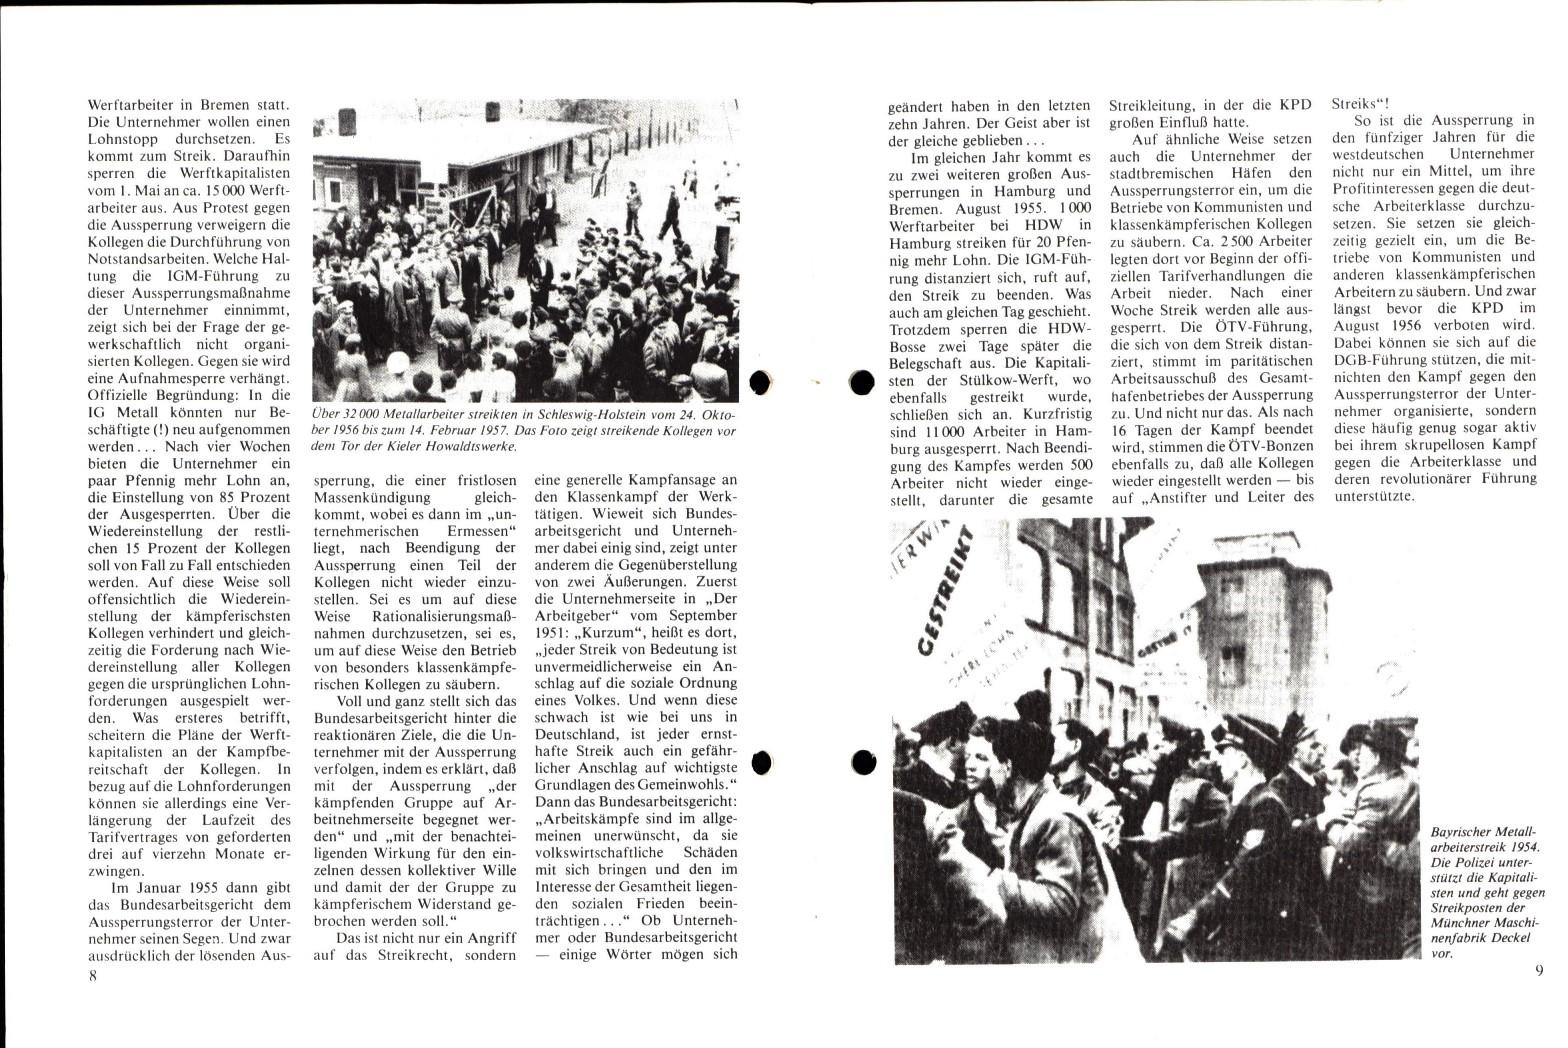 KPDML_1979_Aussperrung_verbieten_05